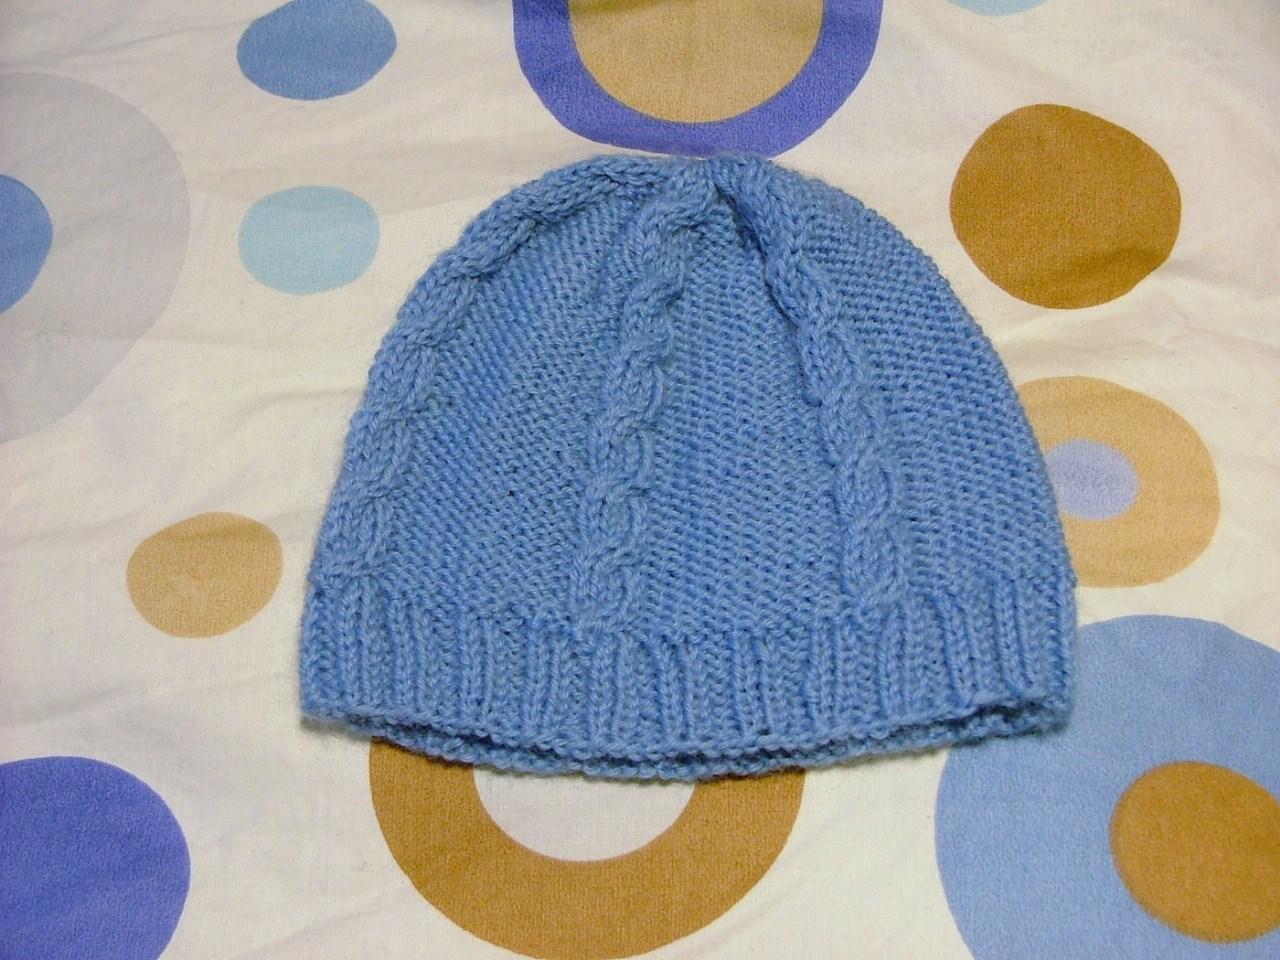 Famoso filoturchino: 3 cappellini neonato YO35